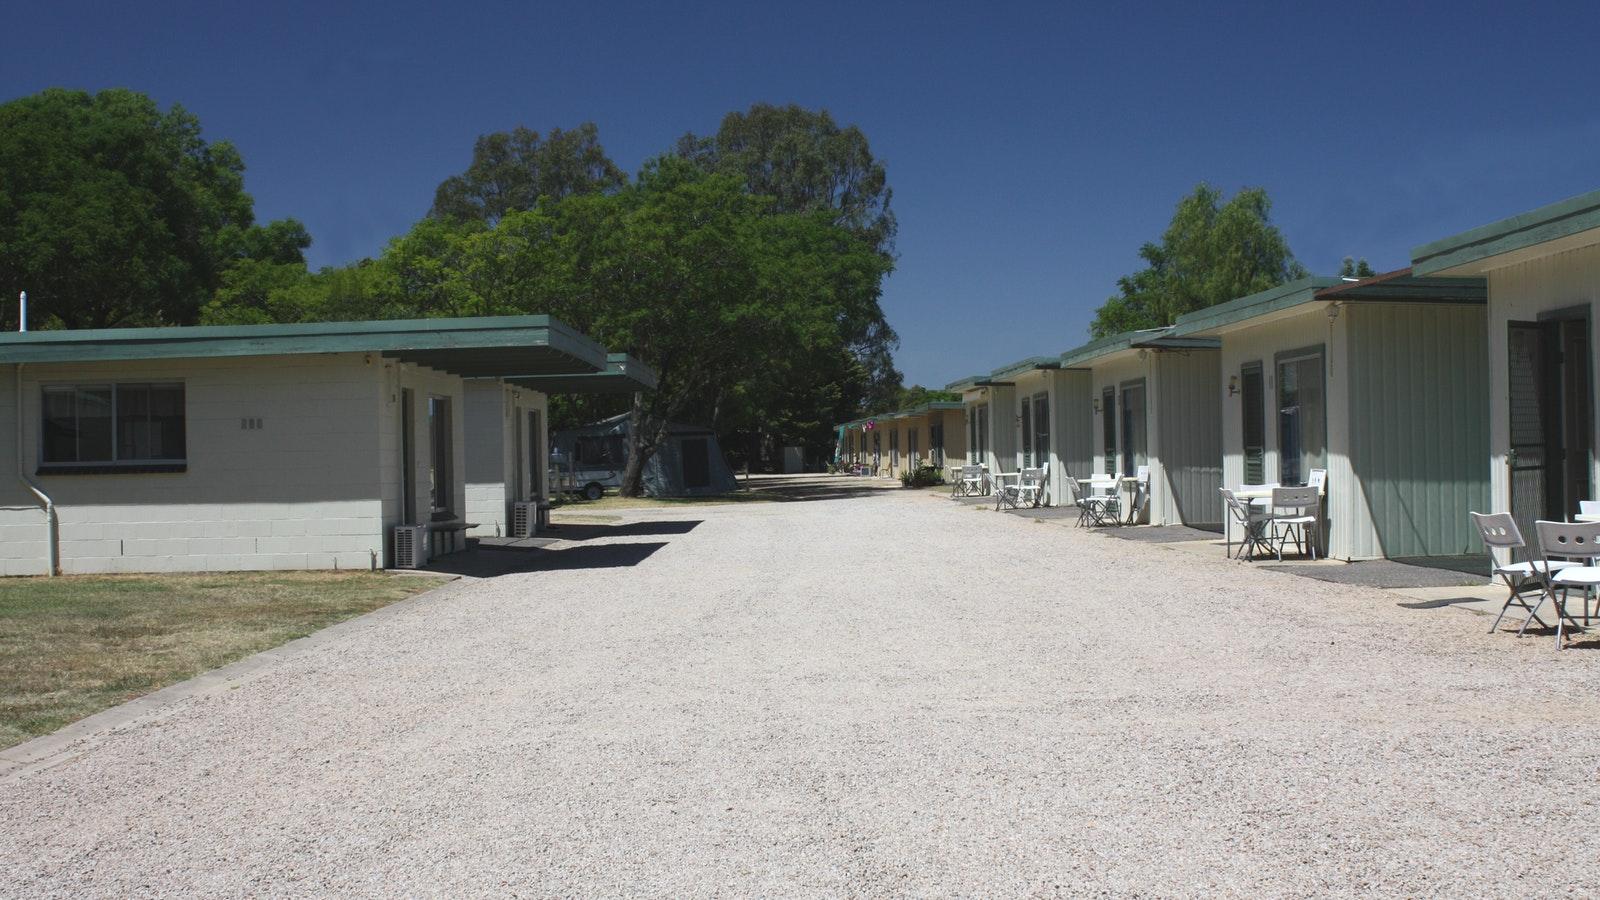 Ensuite cabins